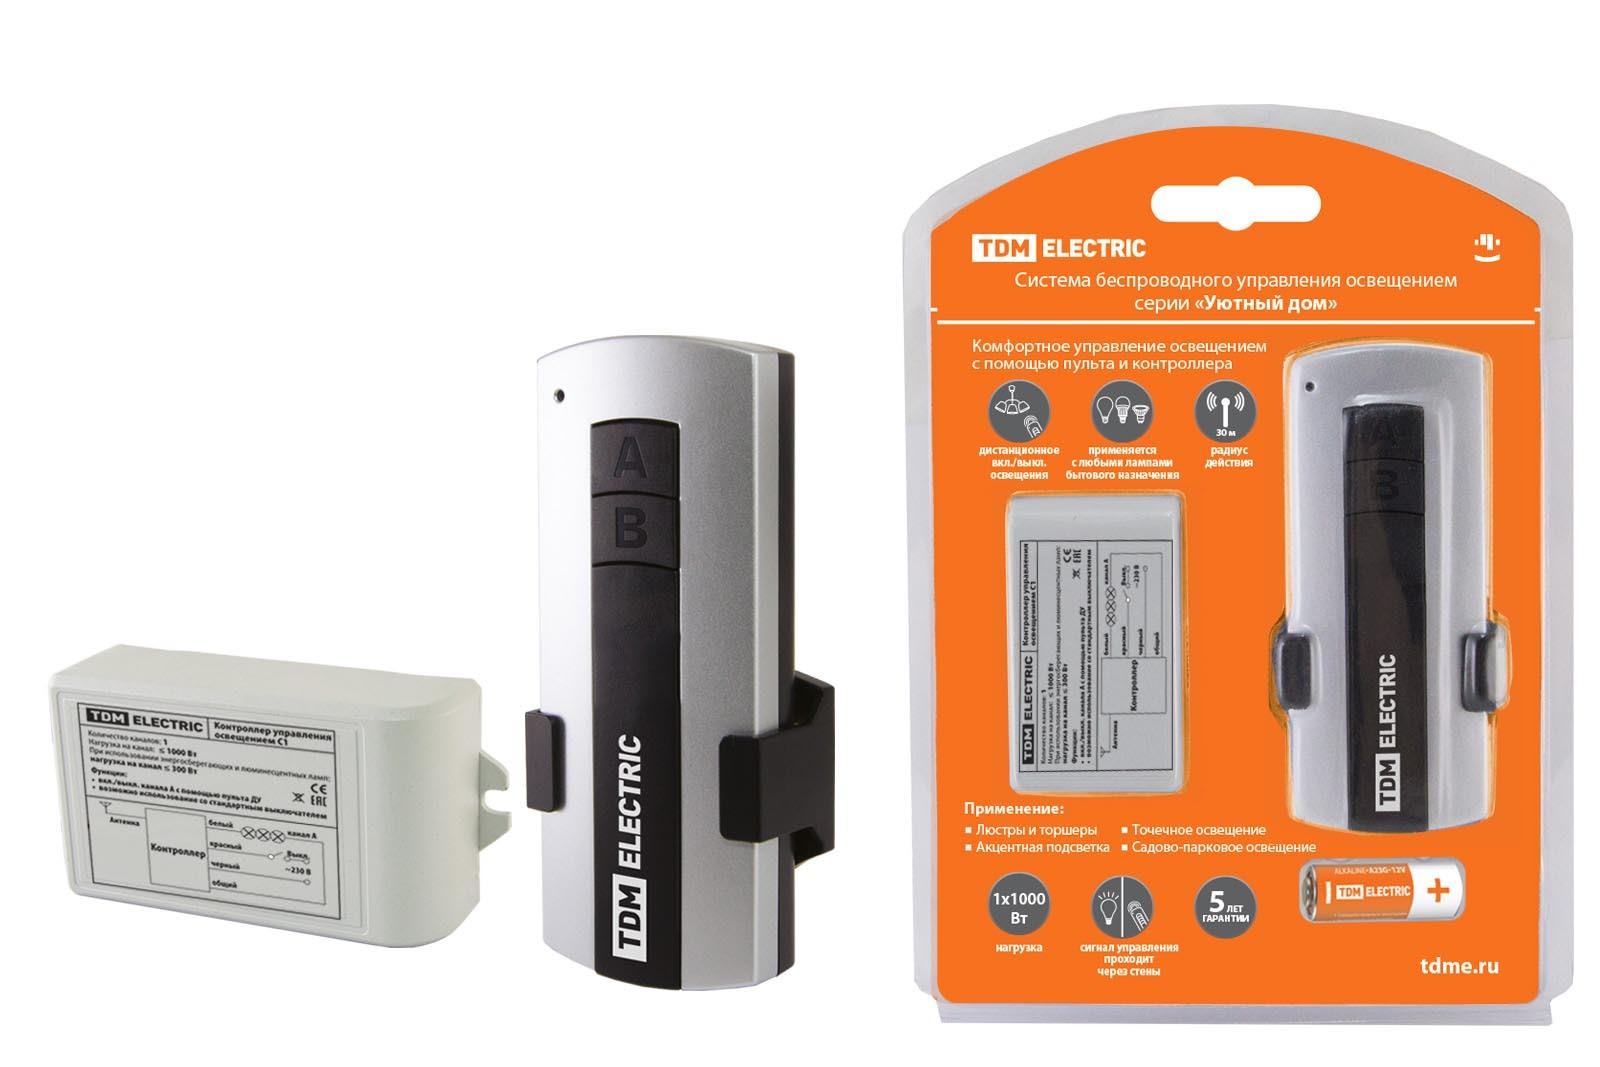 Комплект для беспроводного управления освещением ПУ1-МK-1 (1 канал) Уютный дом